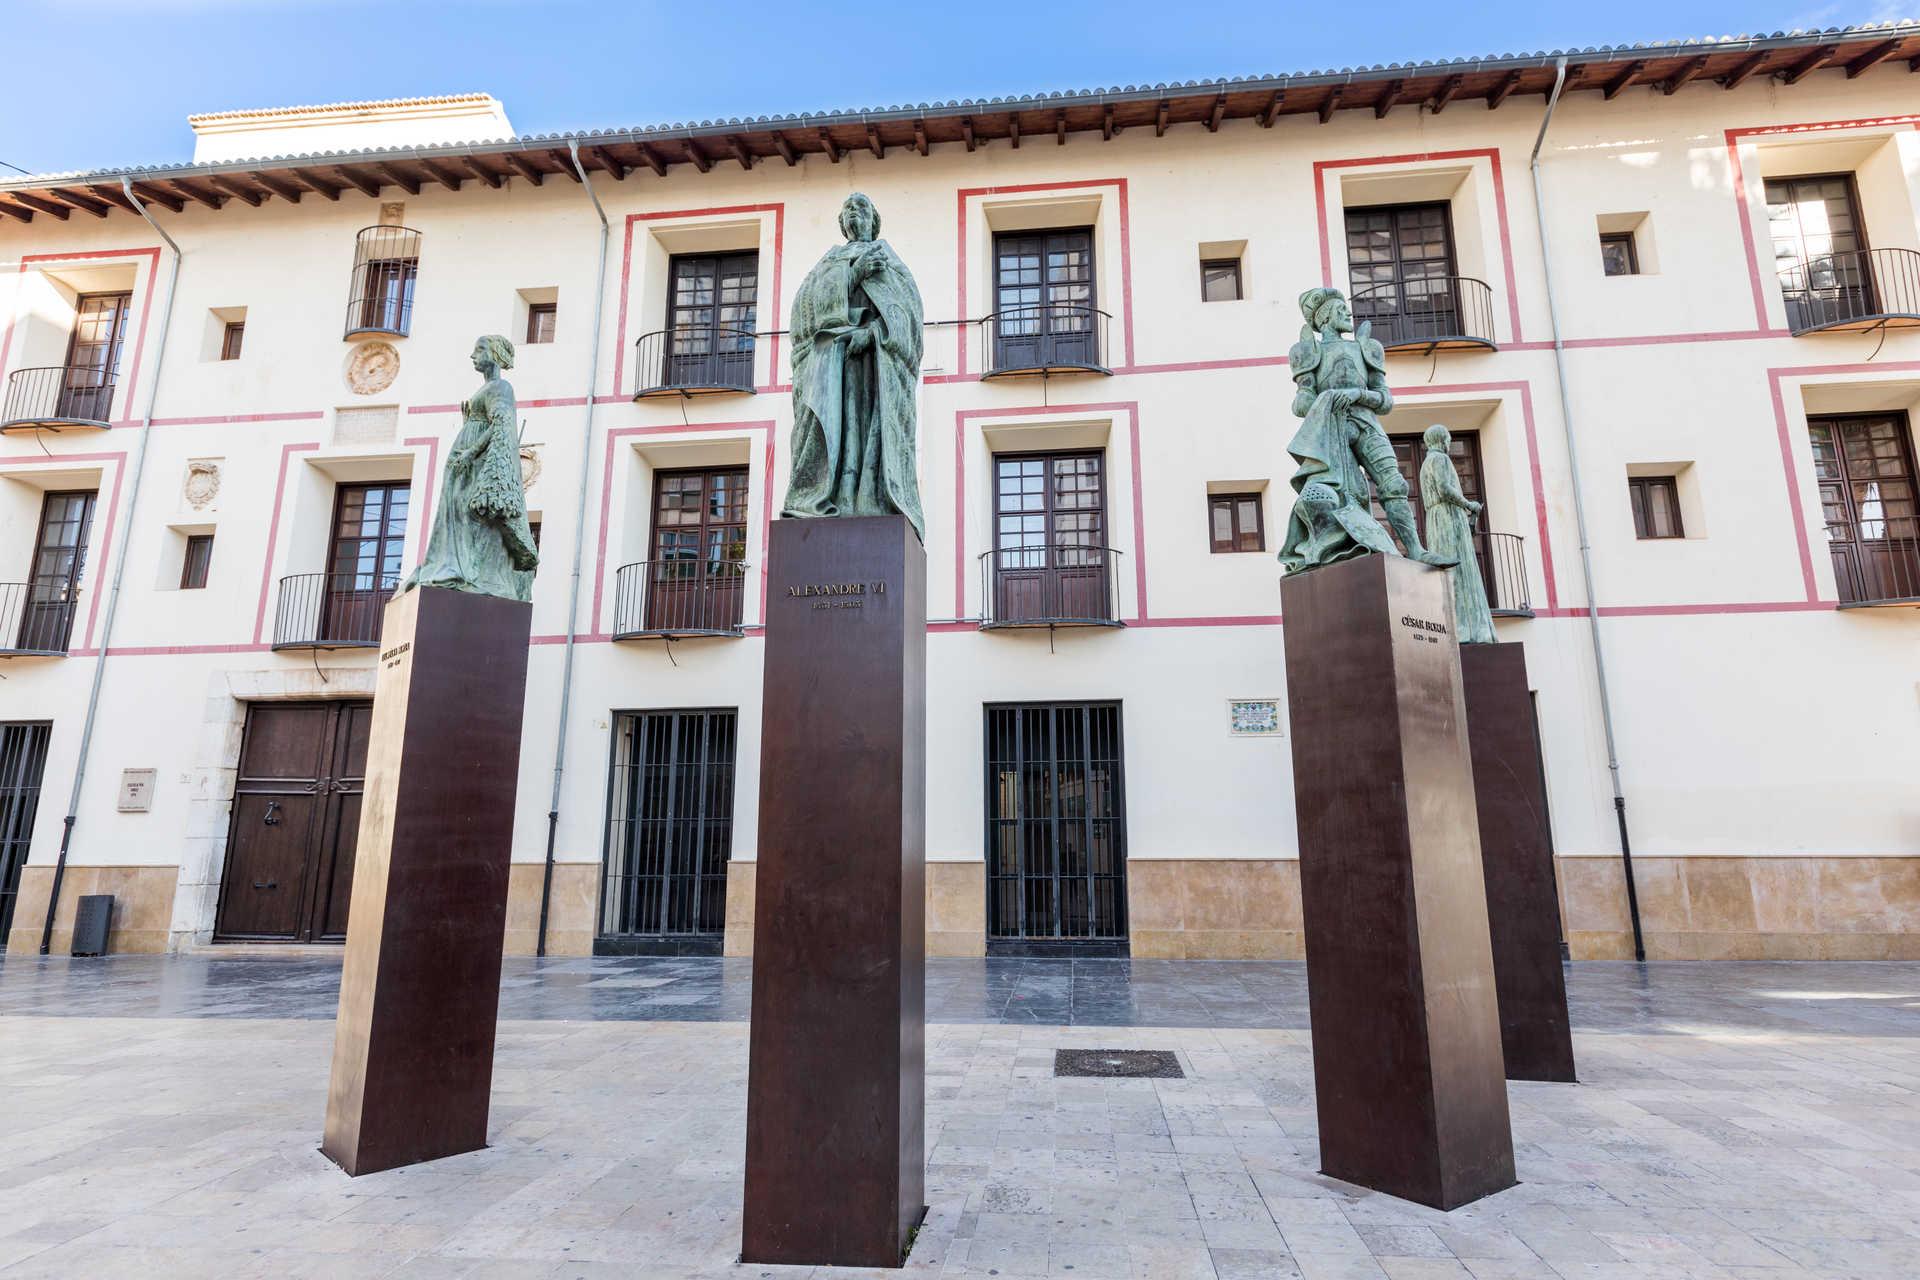 Escuelas Pías (Former University)